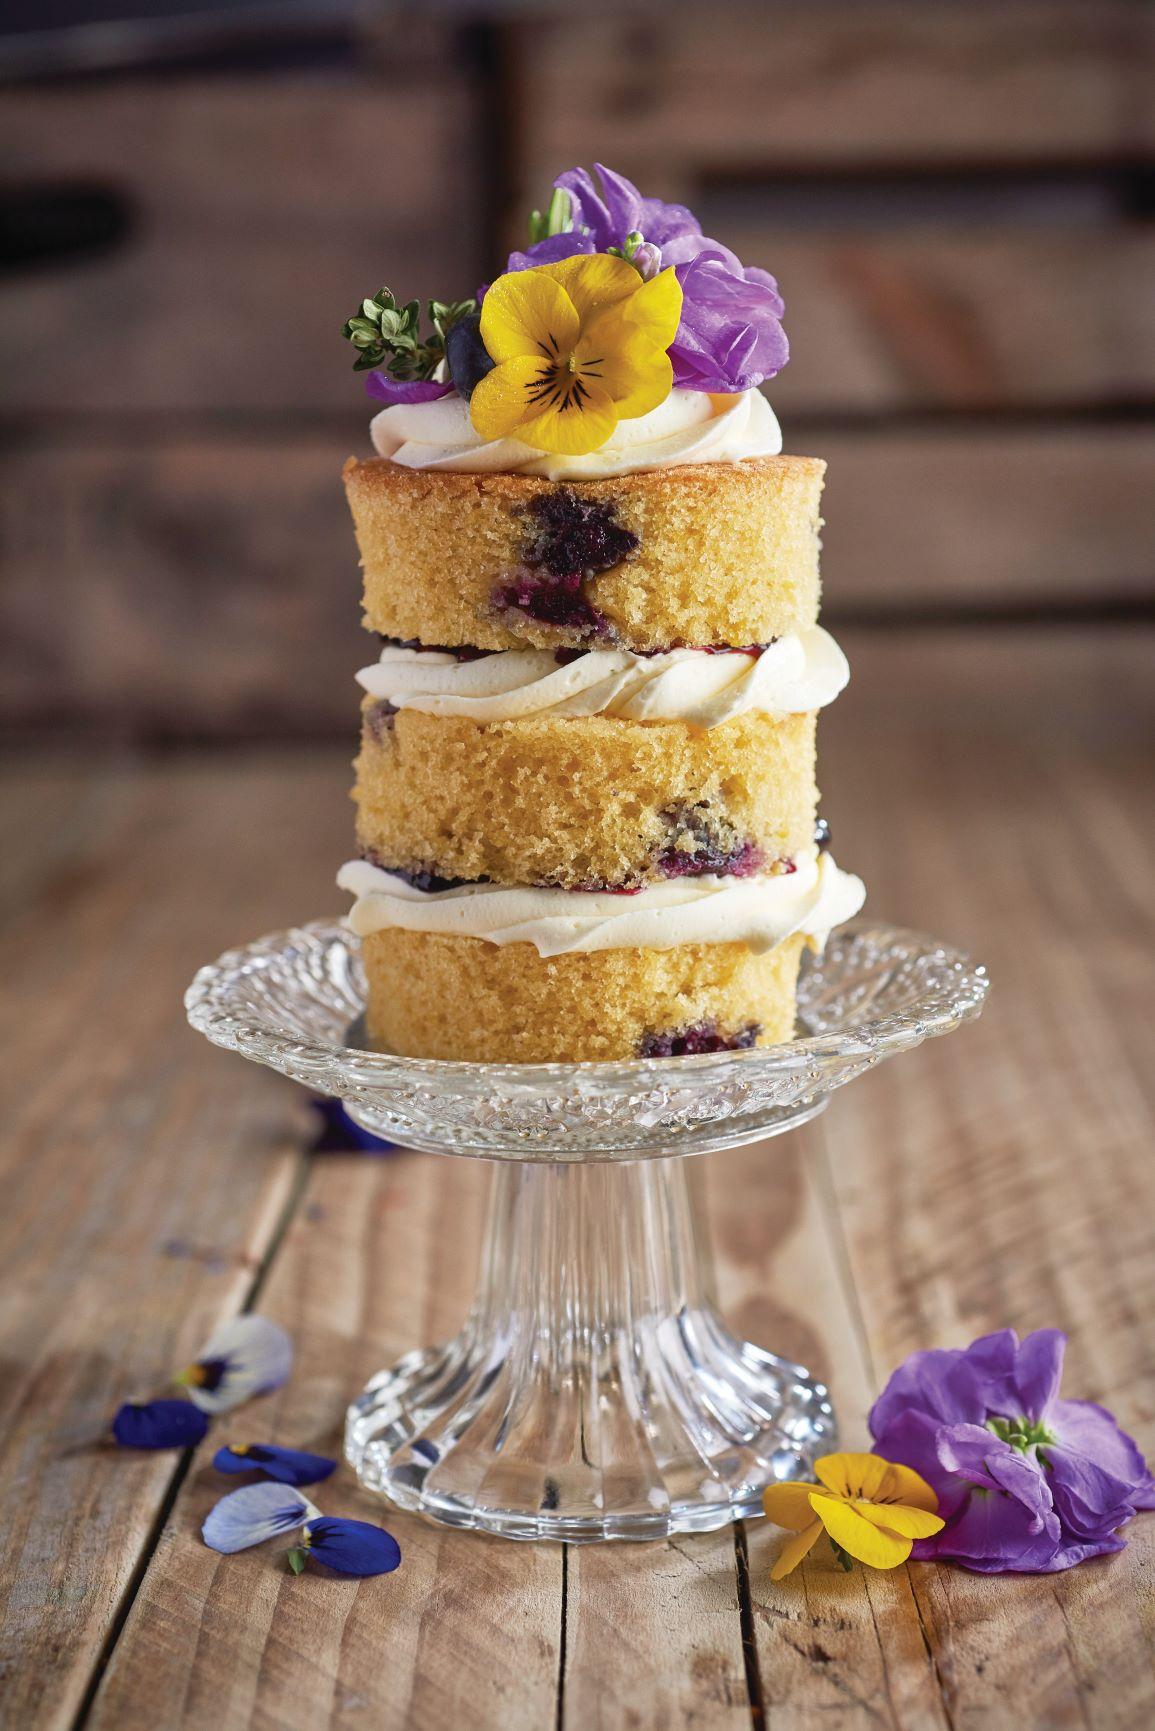 Blueberry and lemon mini cake